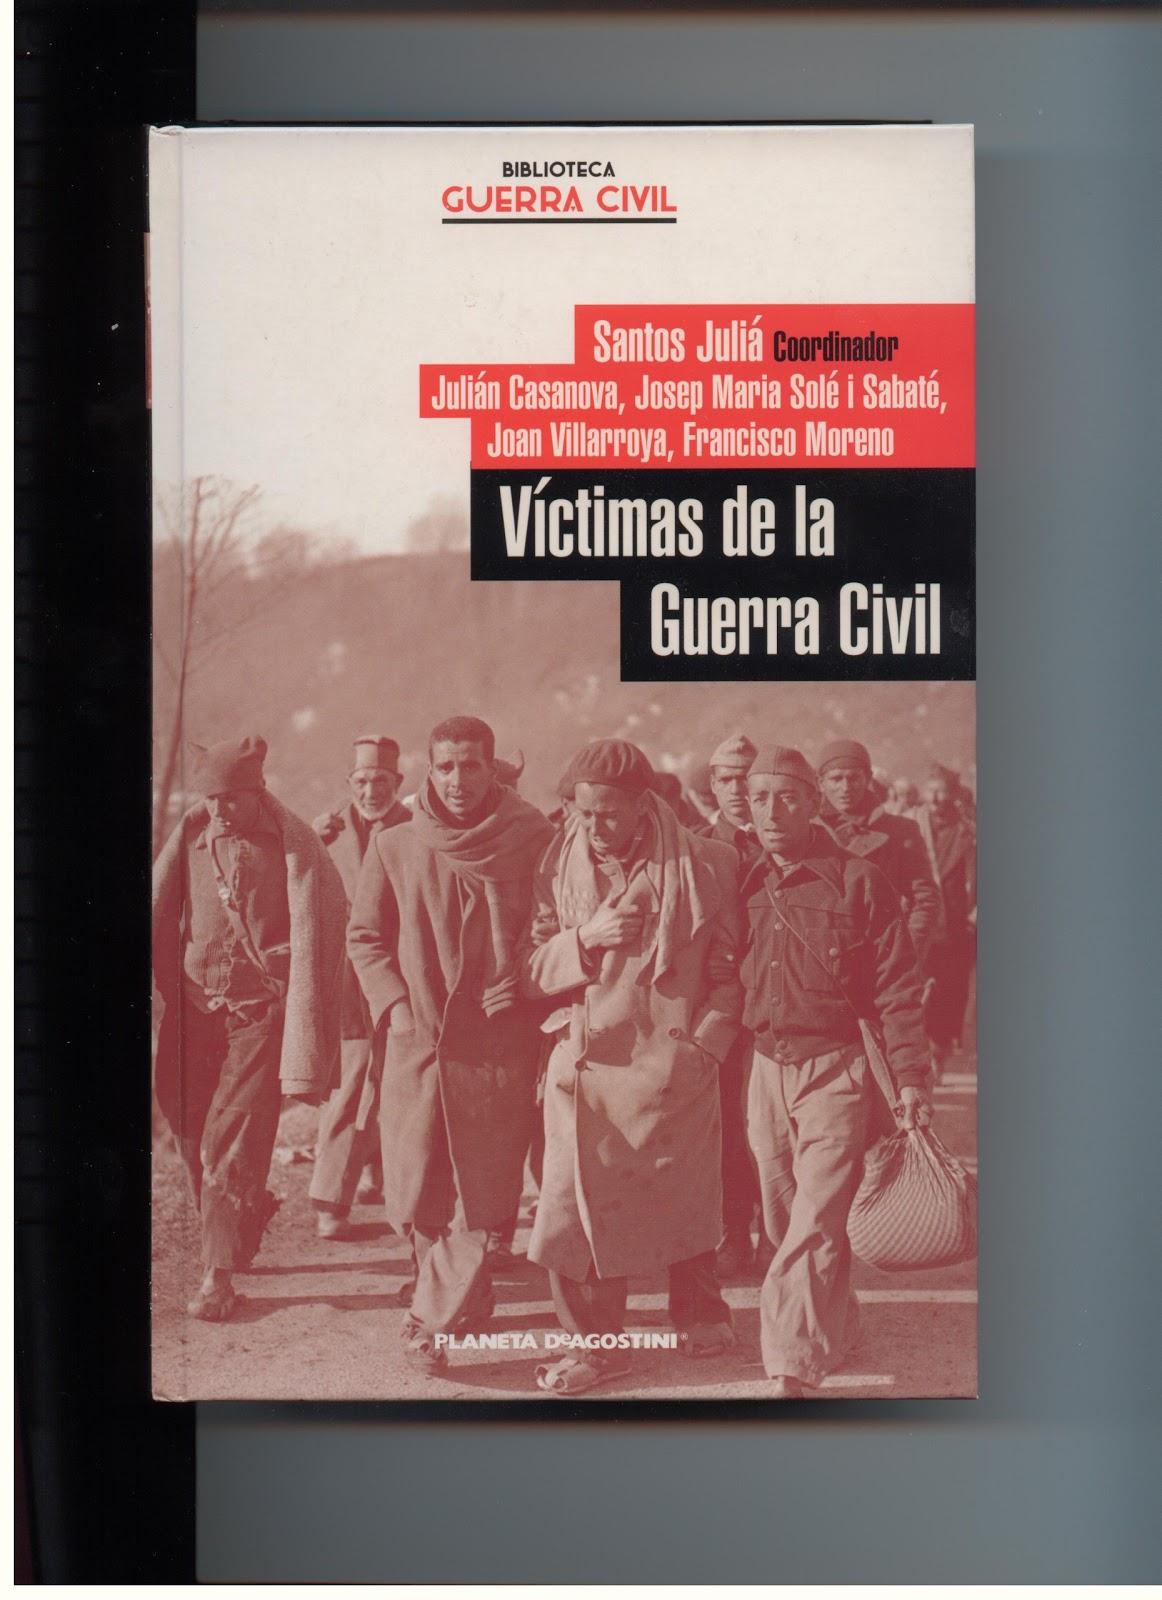 HISTORIA Y PRESENTE: septiembre 2011